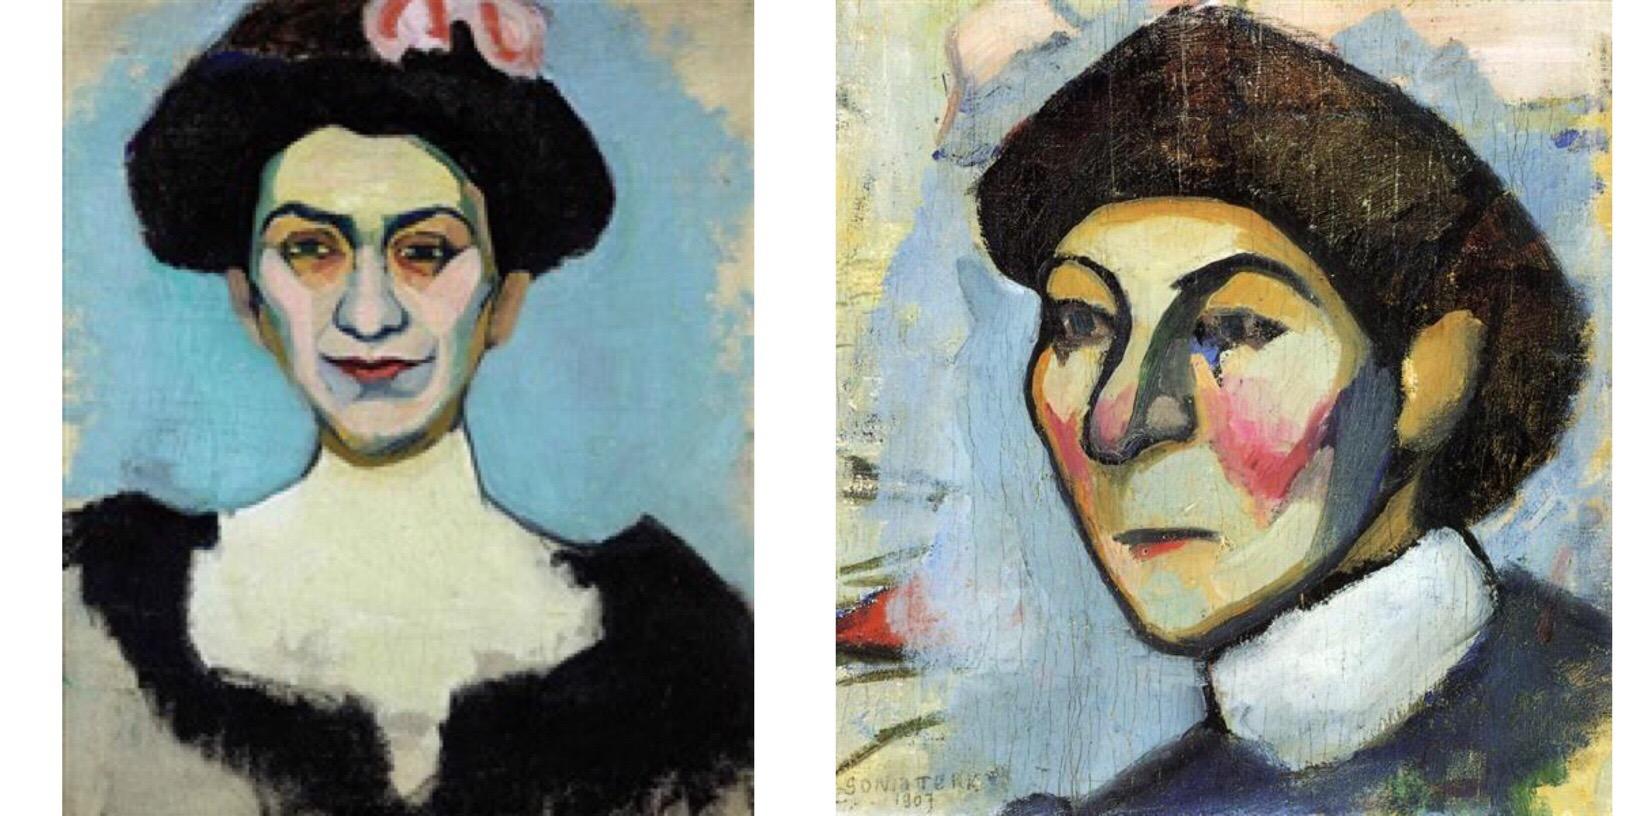 Portrait de Madame Minsky, 1907 and Portrait de M. Dufresne, 1907